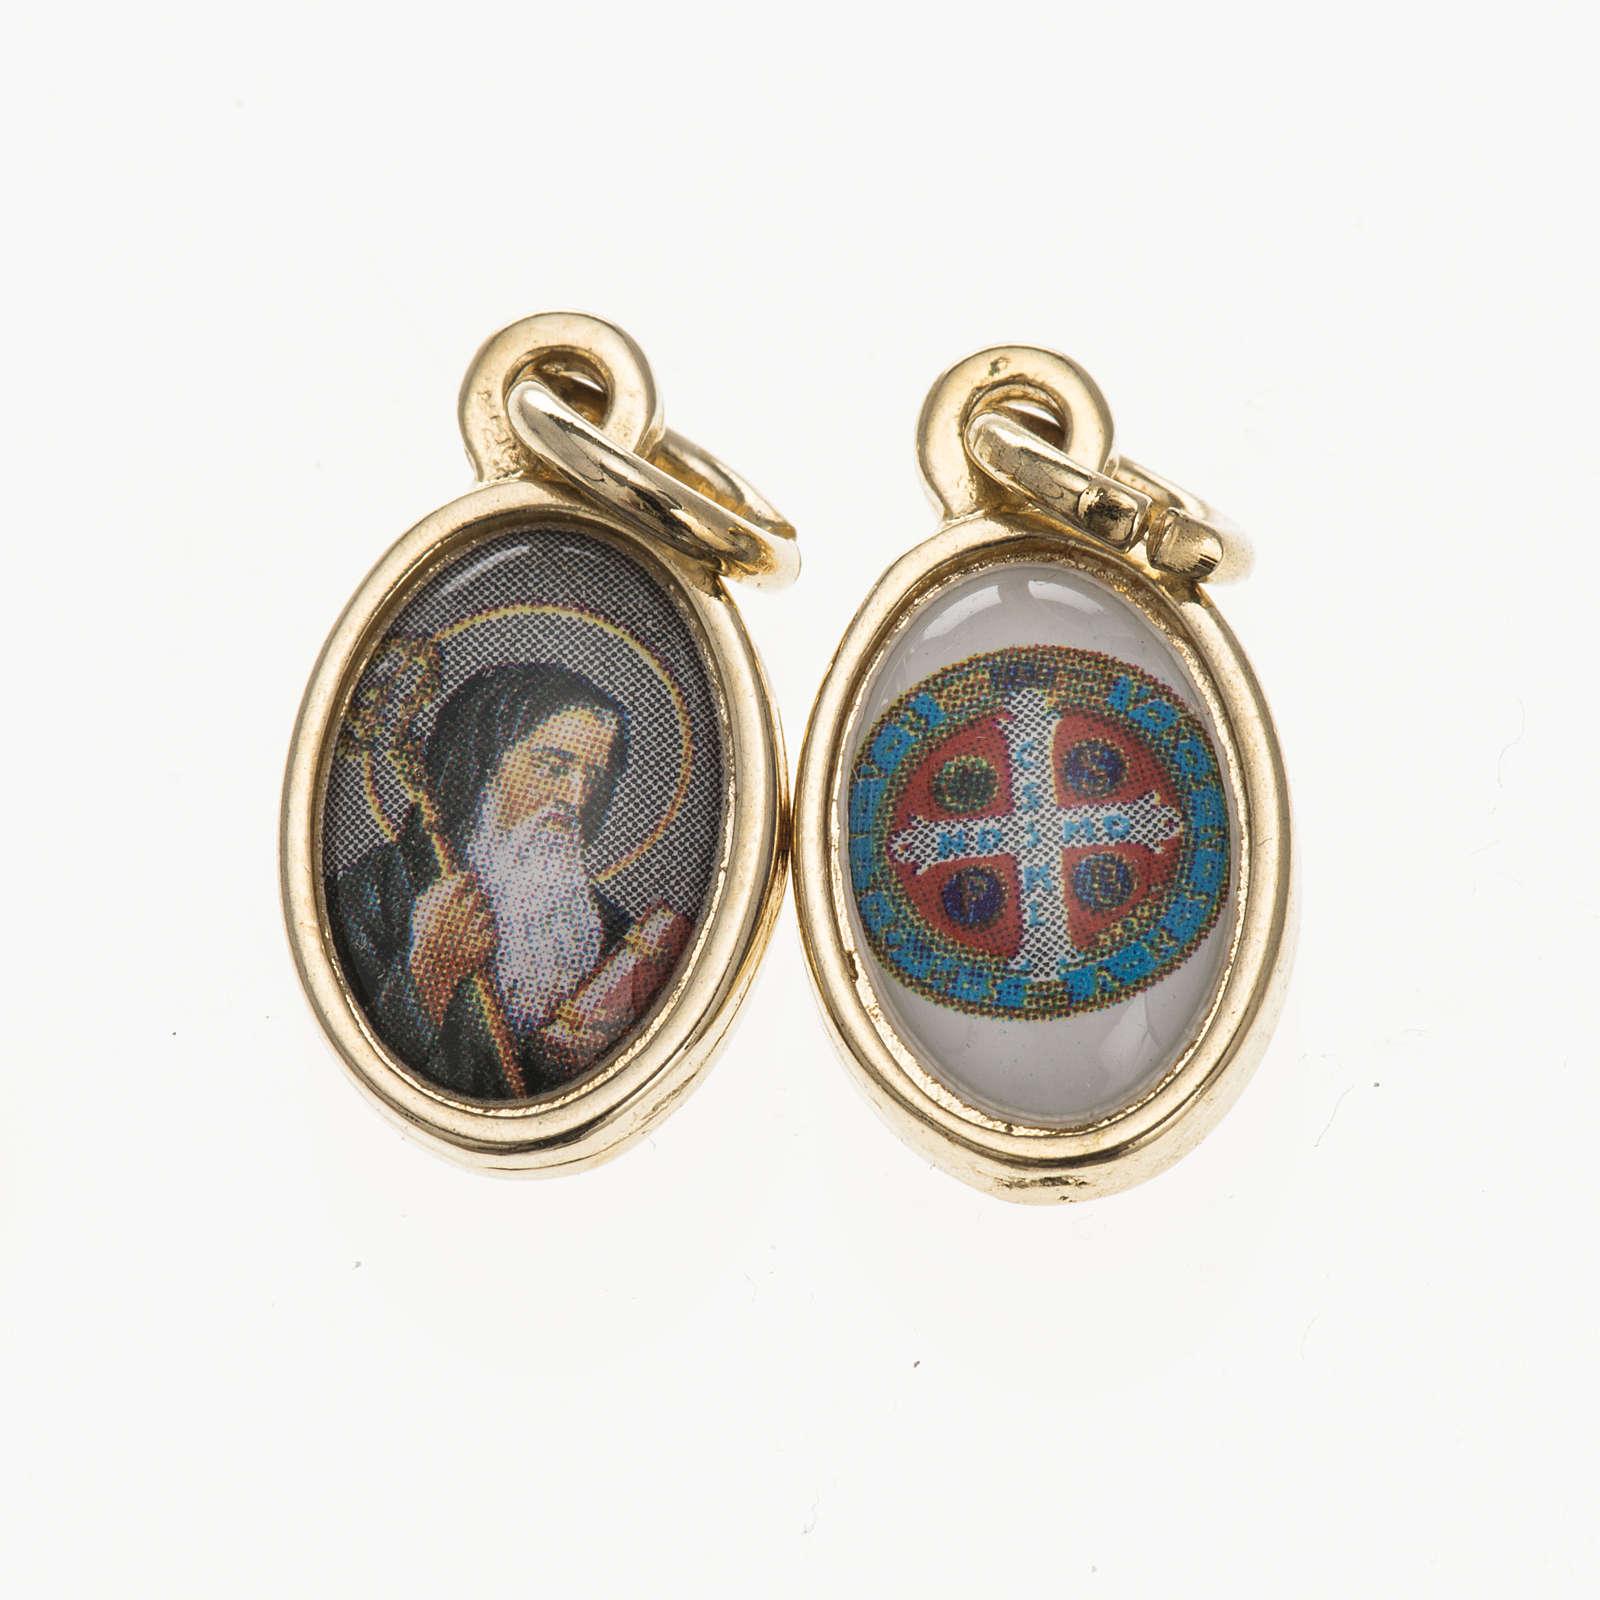 Médaille St Benoit et croix dorée 1,5x1 cm 4